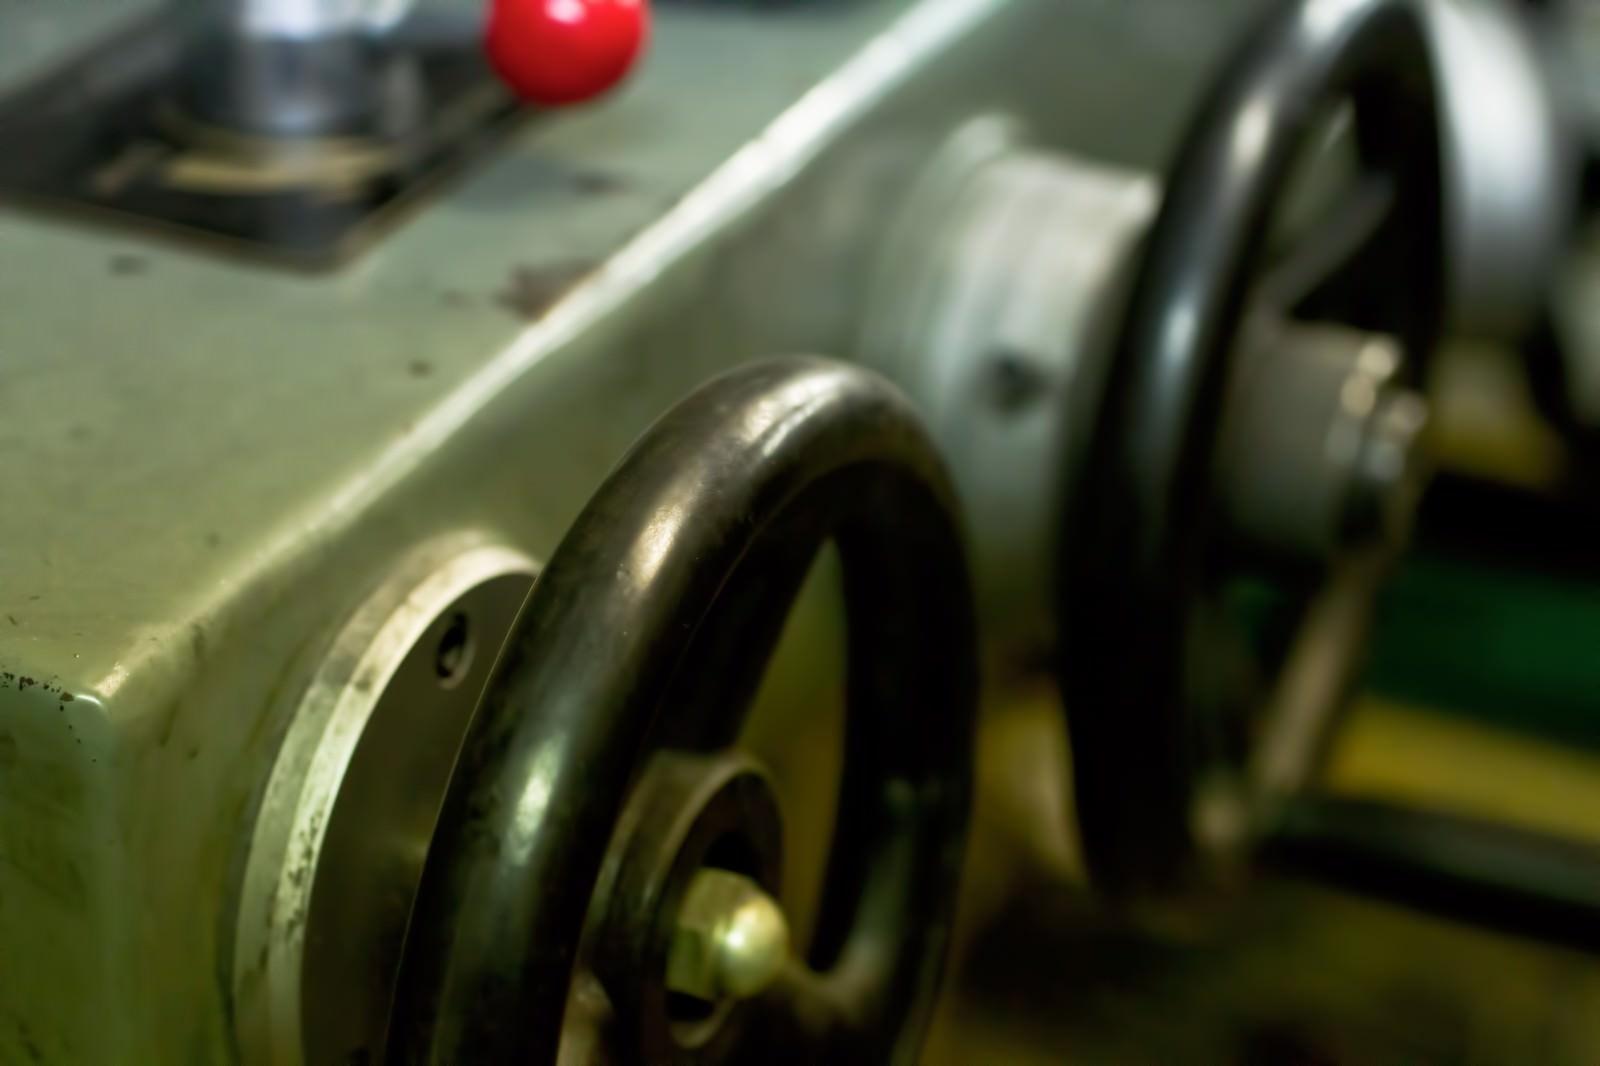 「汎用機のハンドル | 写真の無料素材・フリー素材 - ぱくたそ」の写真